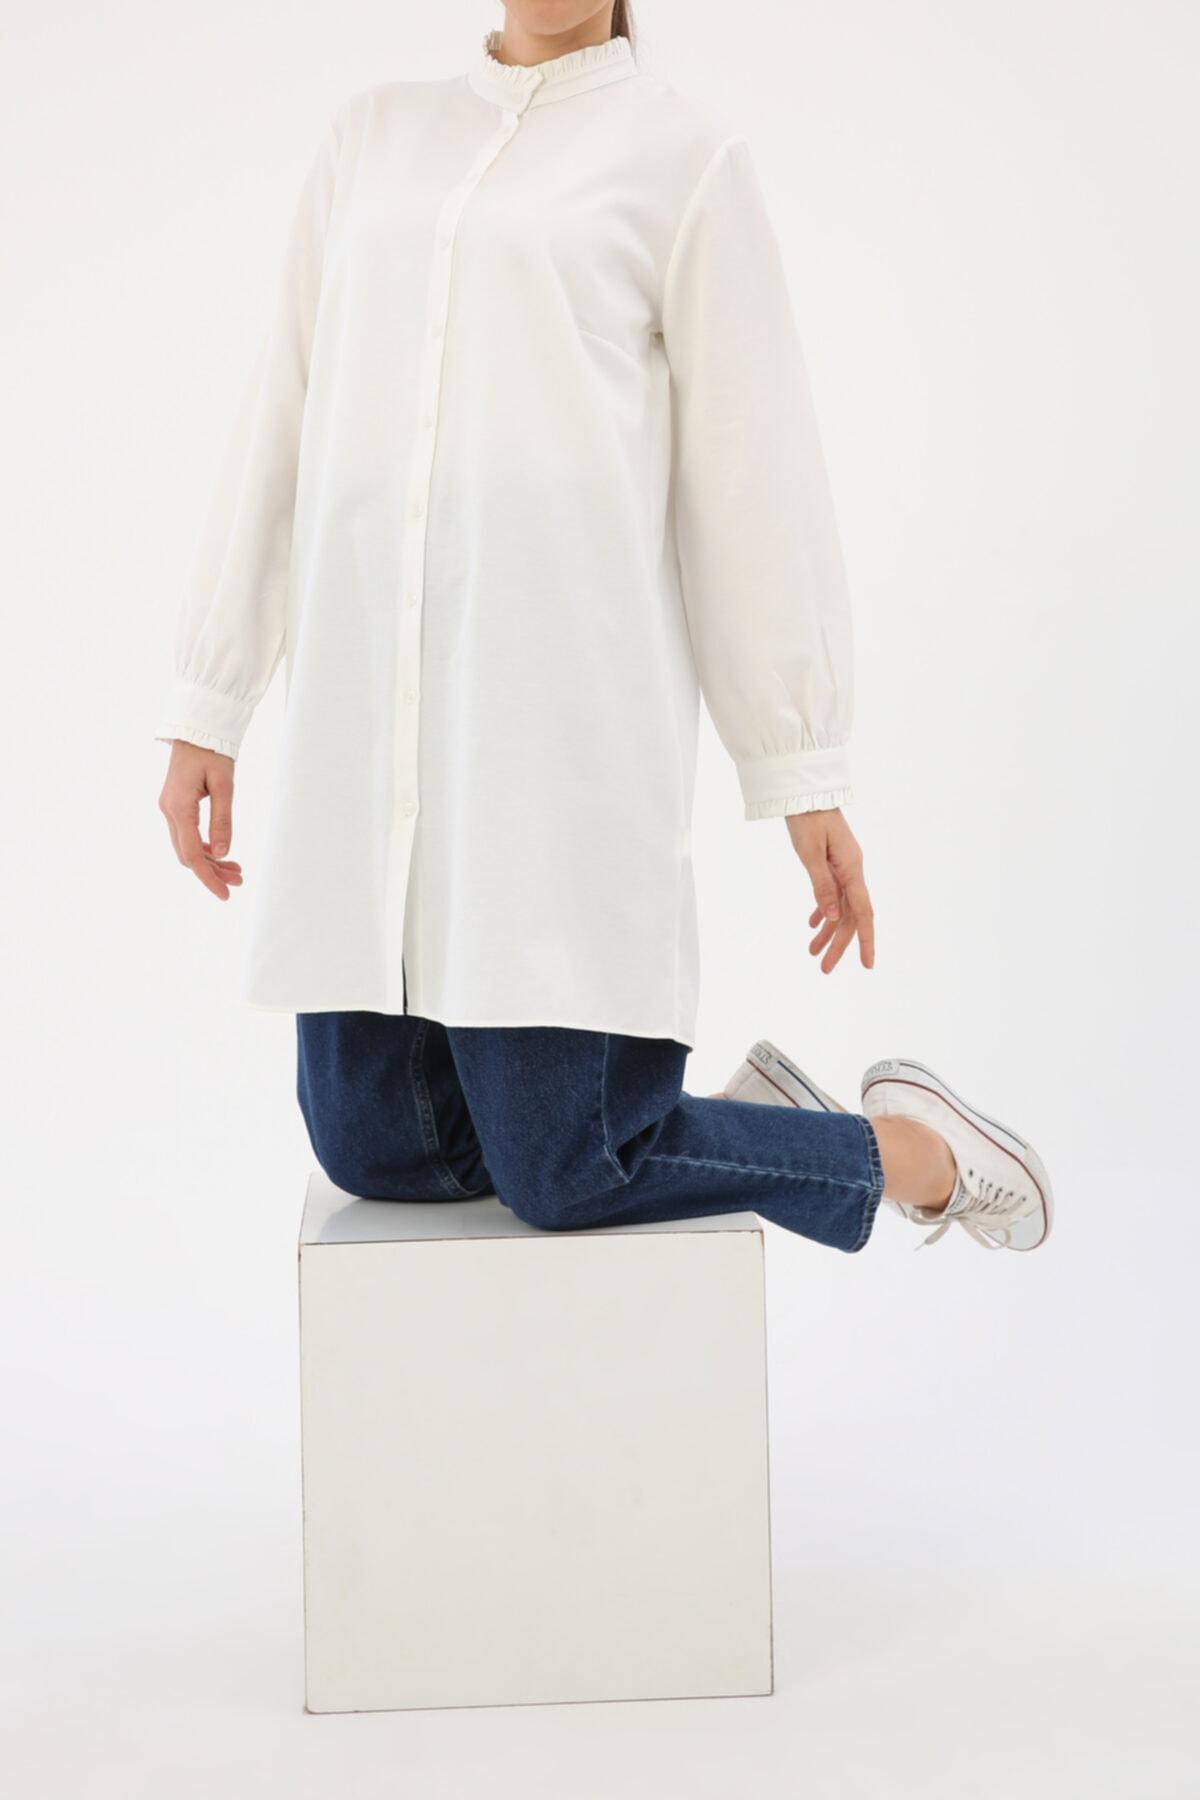 ALLDAY Ekru Yaka Ve Kol Fırfırlı Gömlek Tunik 1